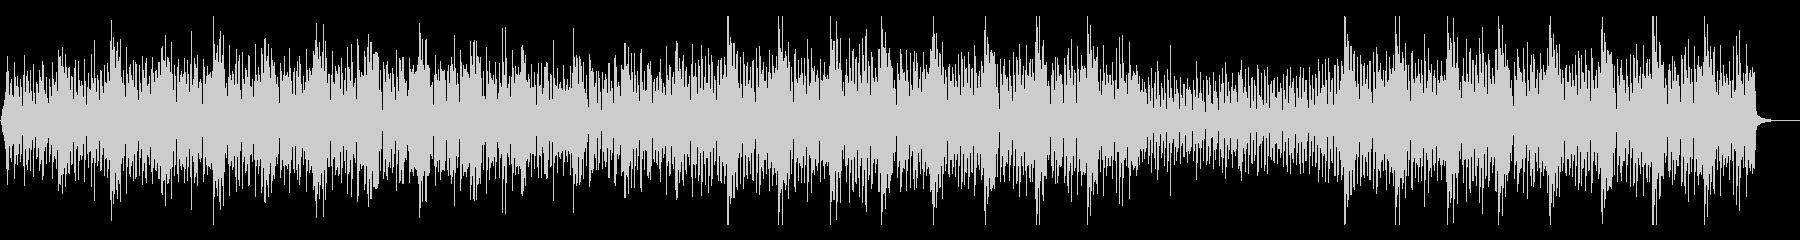 ウクレレとチェロの軽快なアンサンブルの未再生の波形